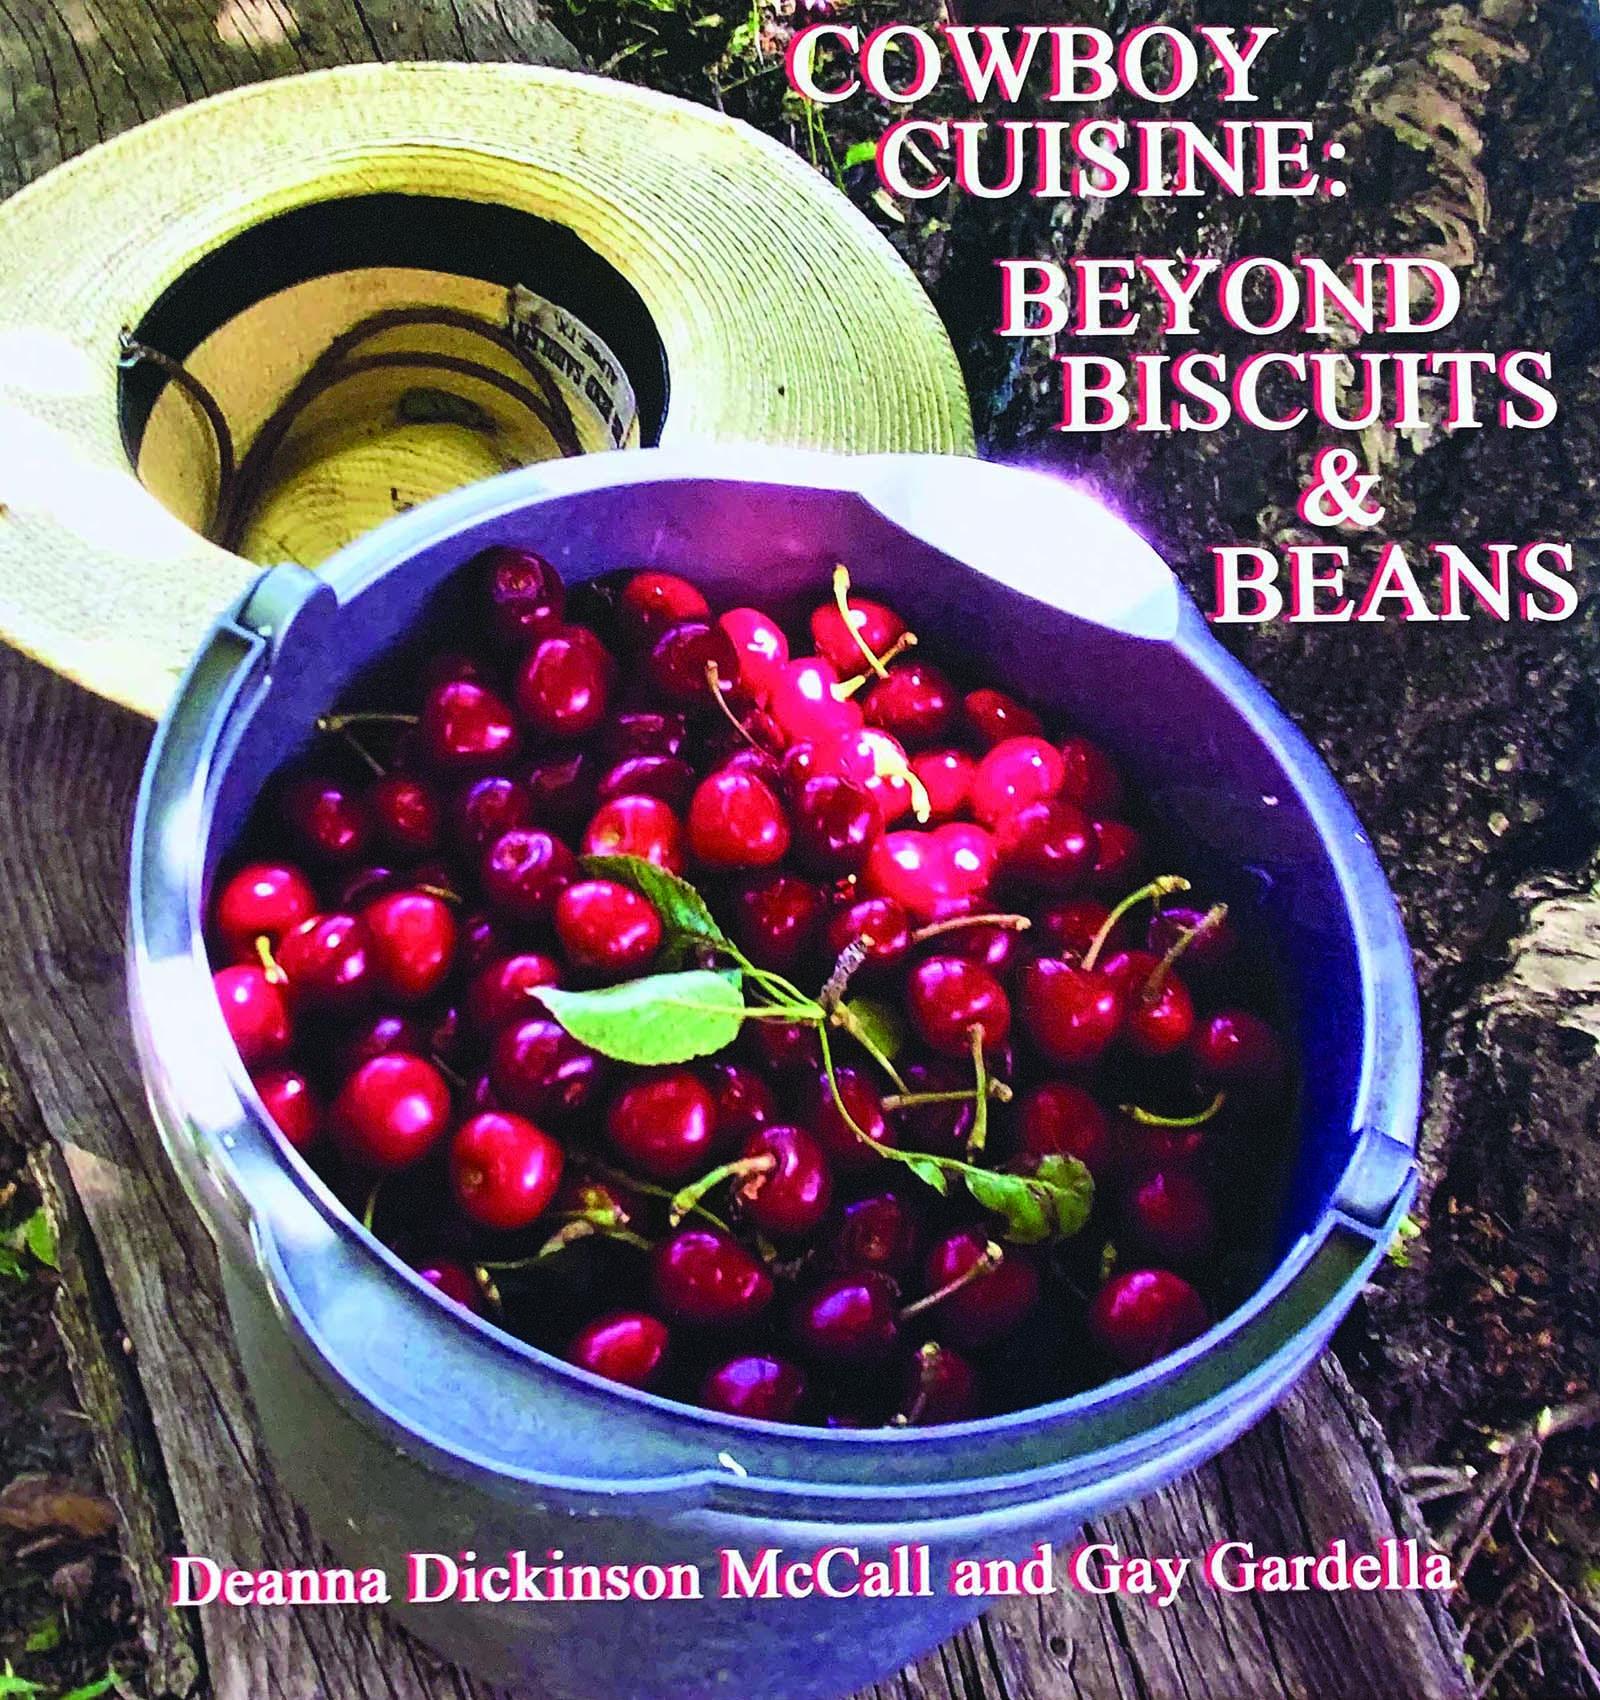 Deanna Dickinson McCall created a new cowboy cookbook